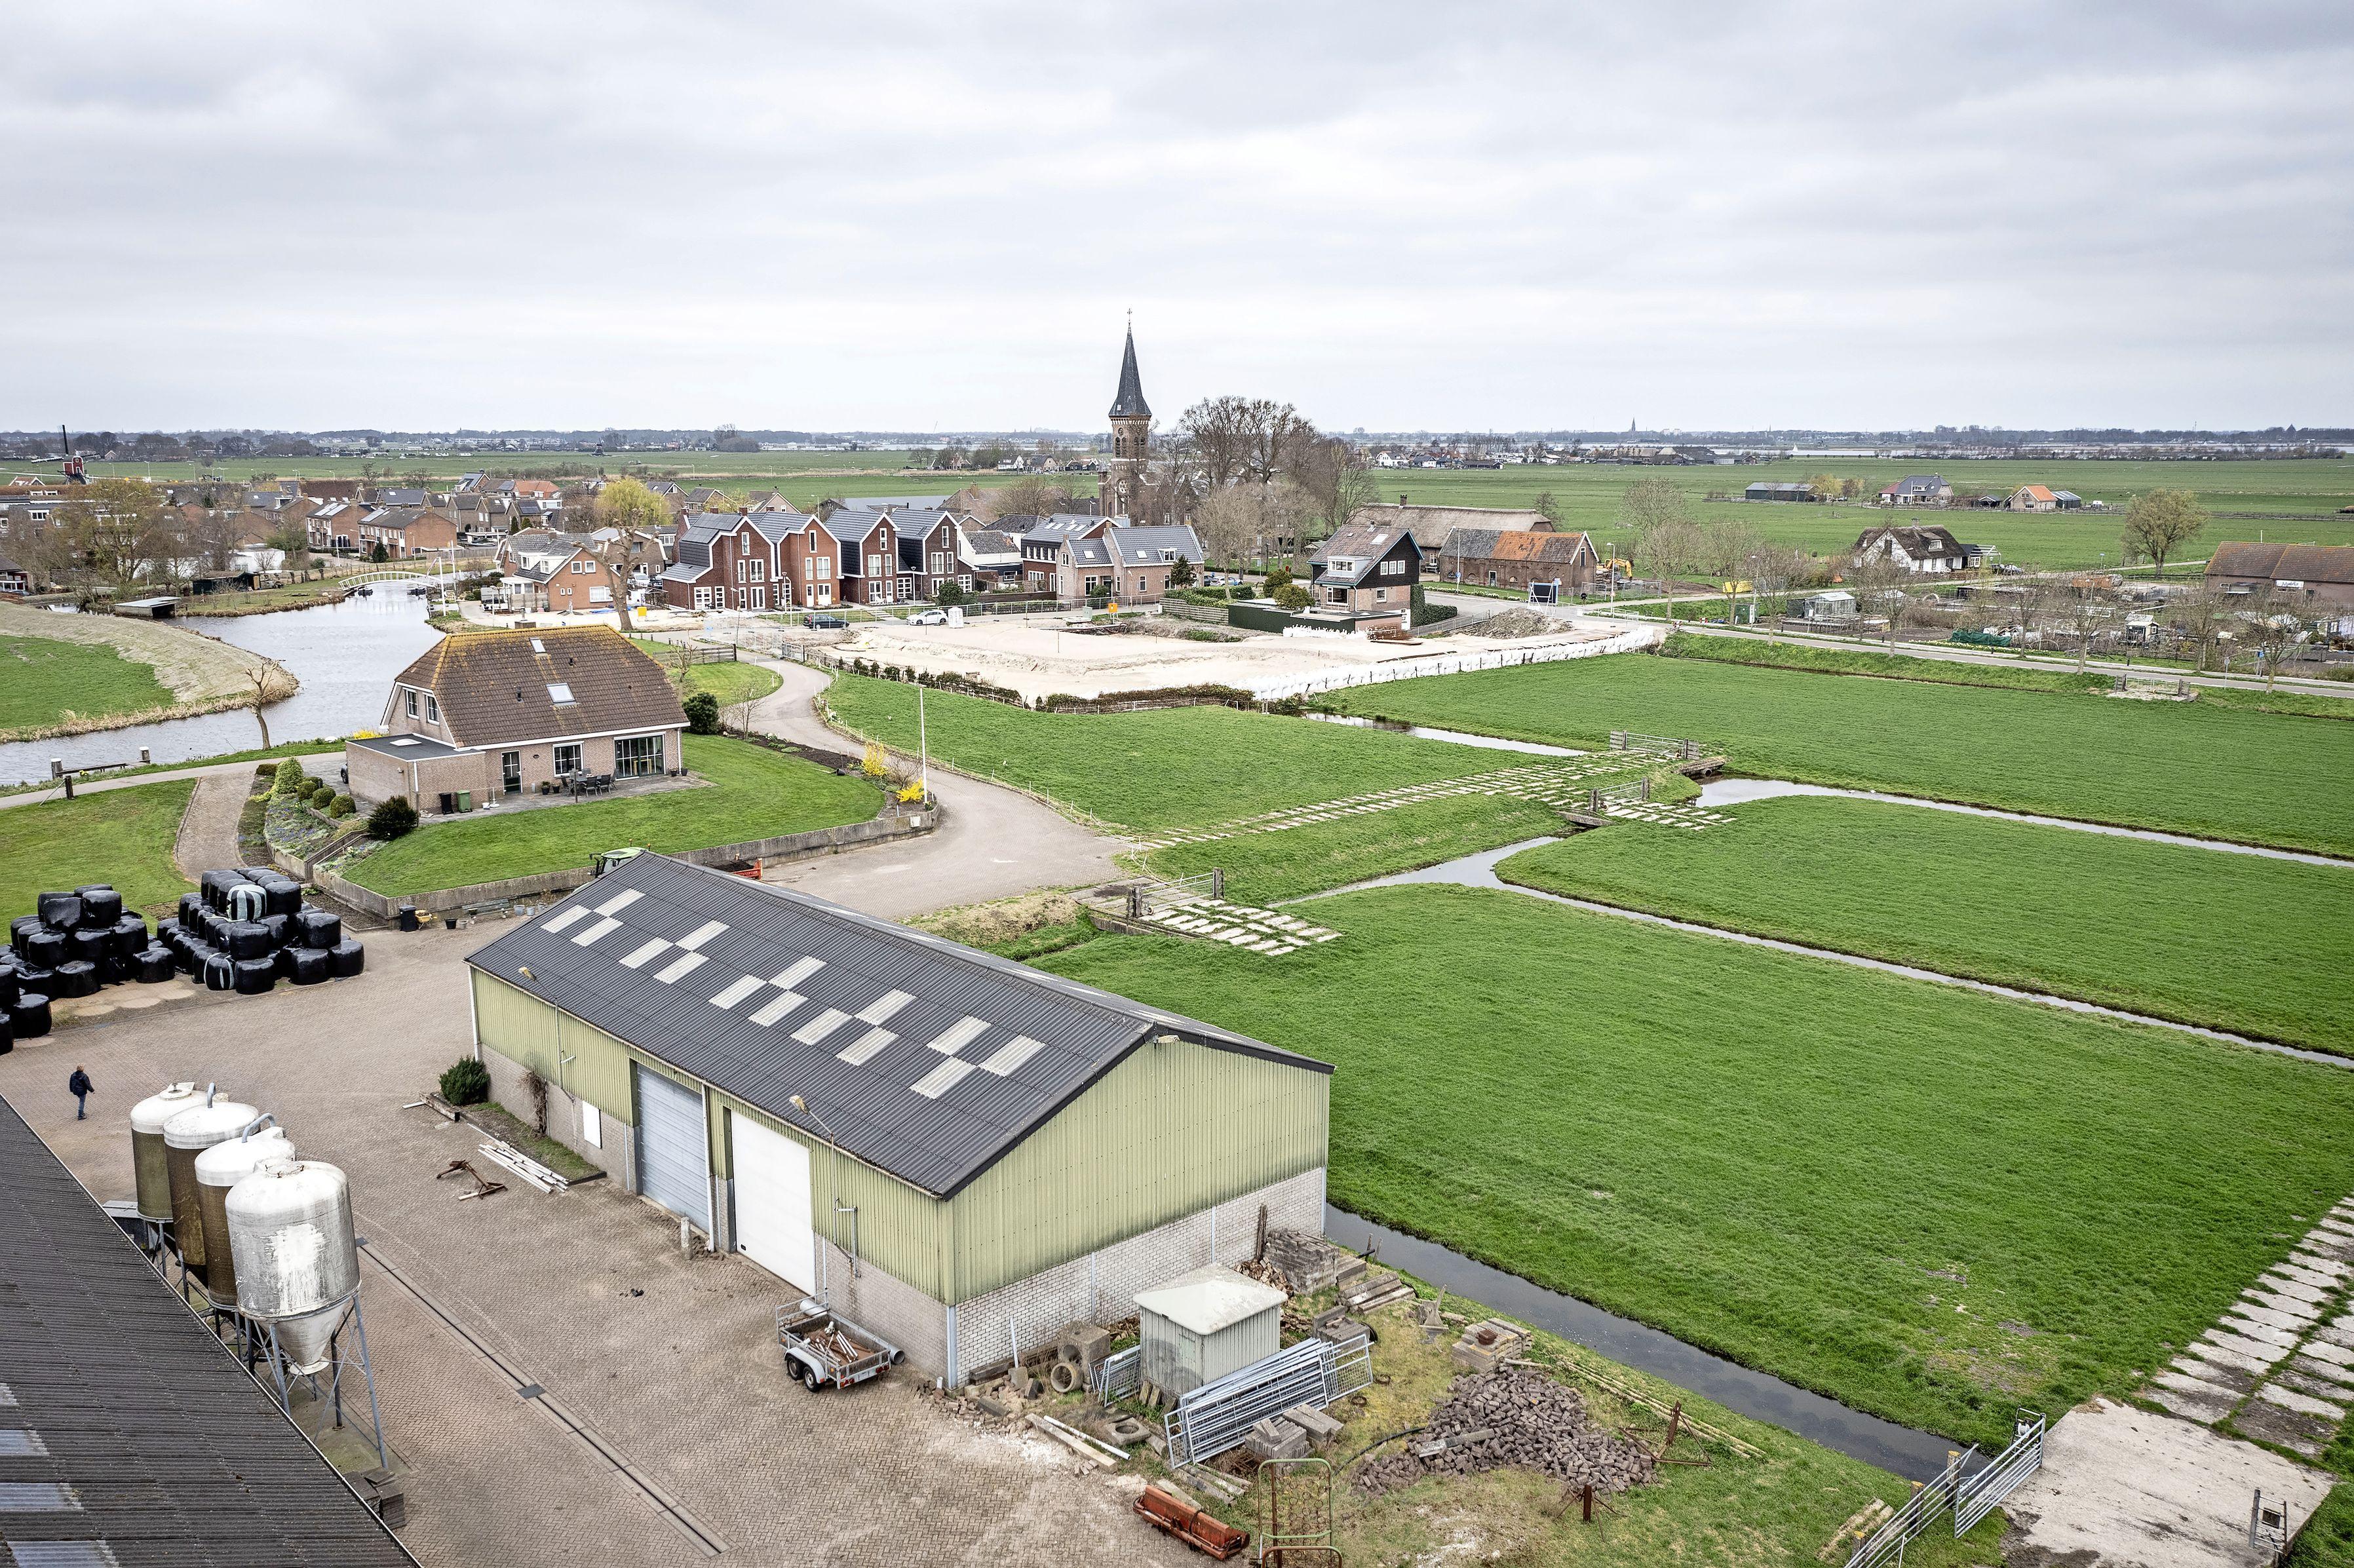 Vlak voordat sociale woningbouw in Oud Ade moet beginnen, is Raad van State nog niet helemaal tevreden